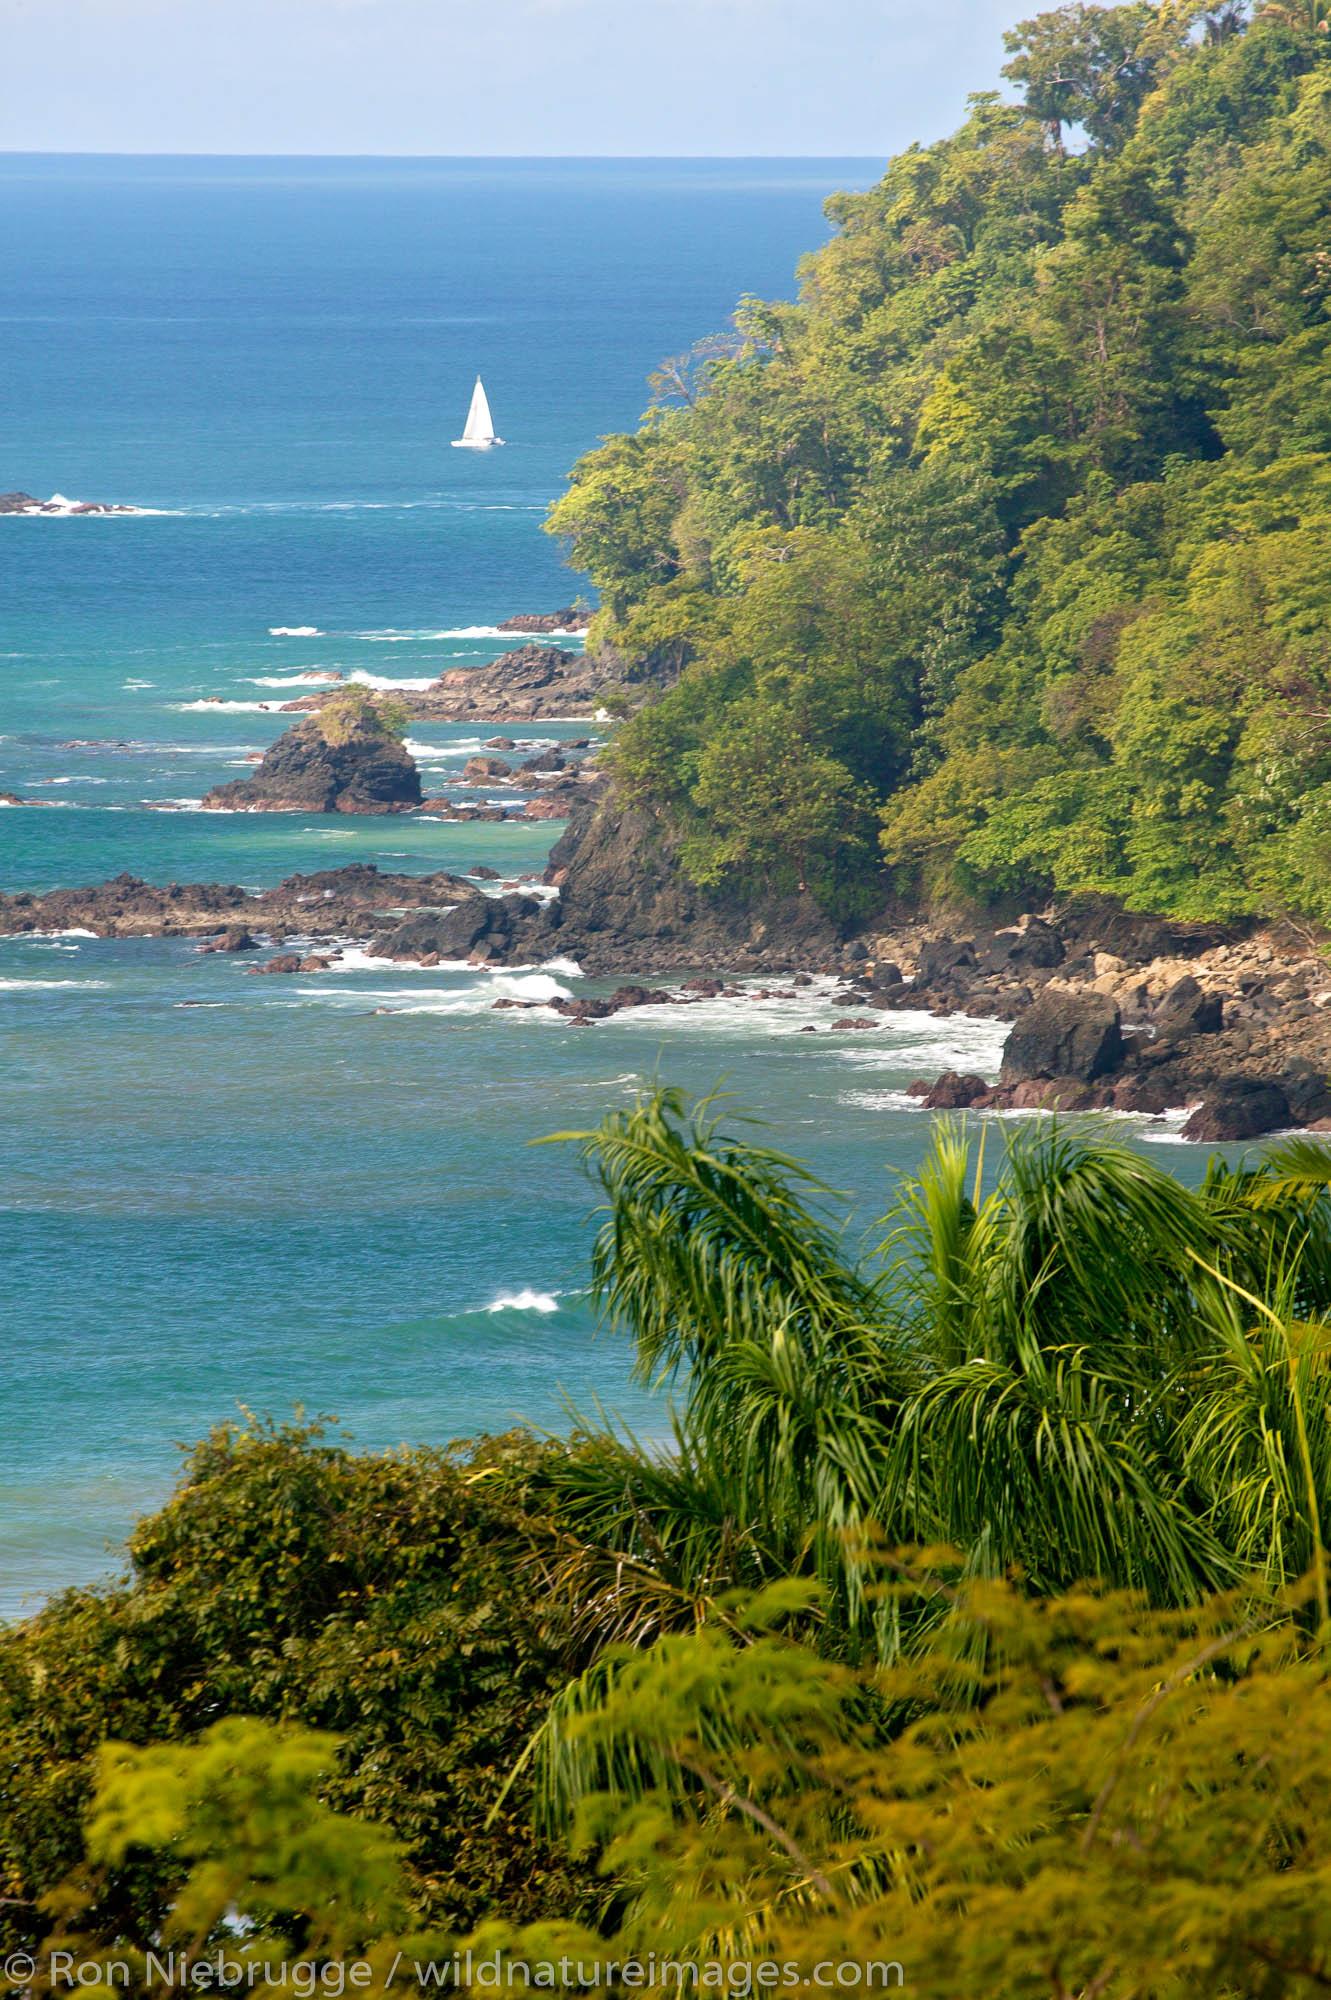 Costa Rica, photos, photo